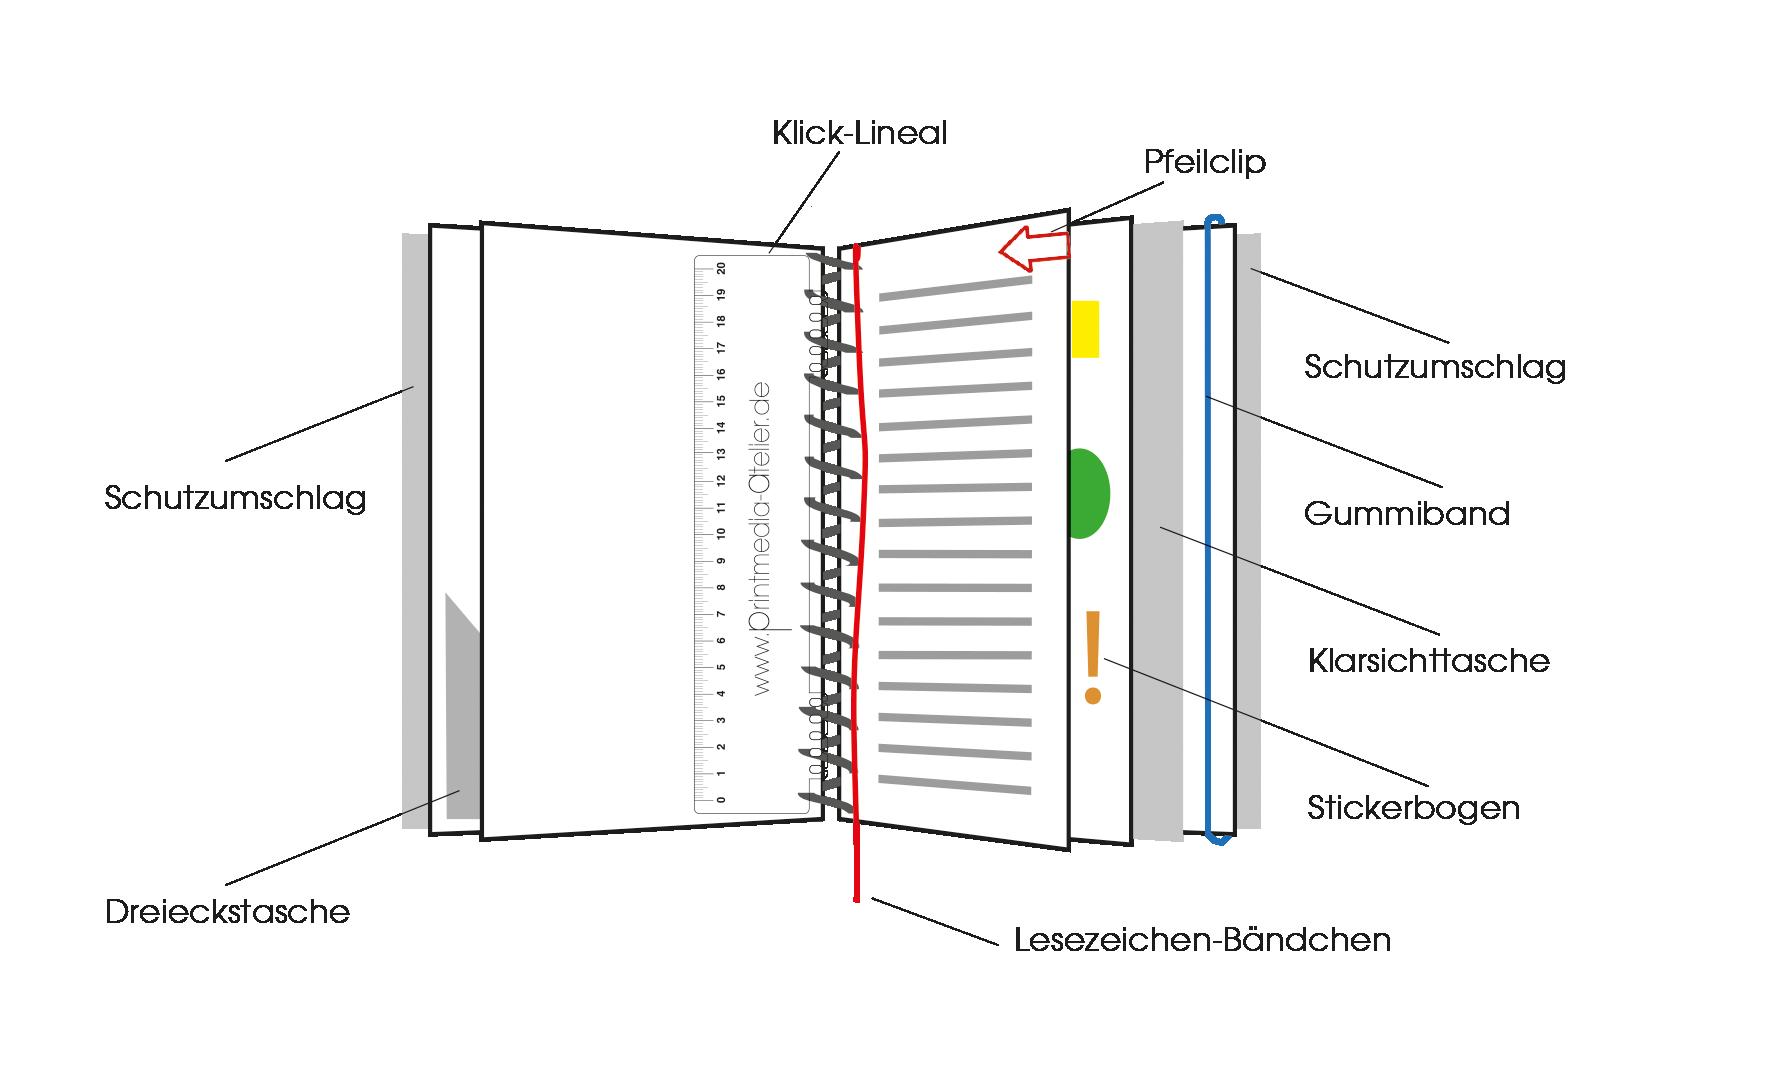 schulkalender ringbuch lineal schutzumschlag gummiband lesezeichen